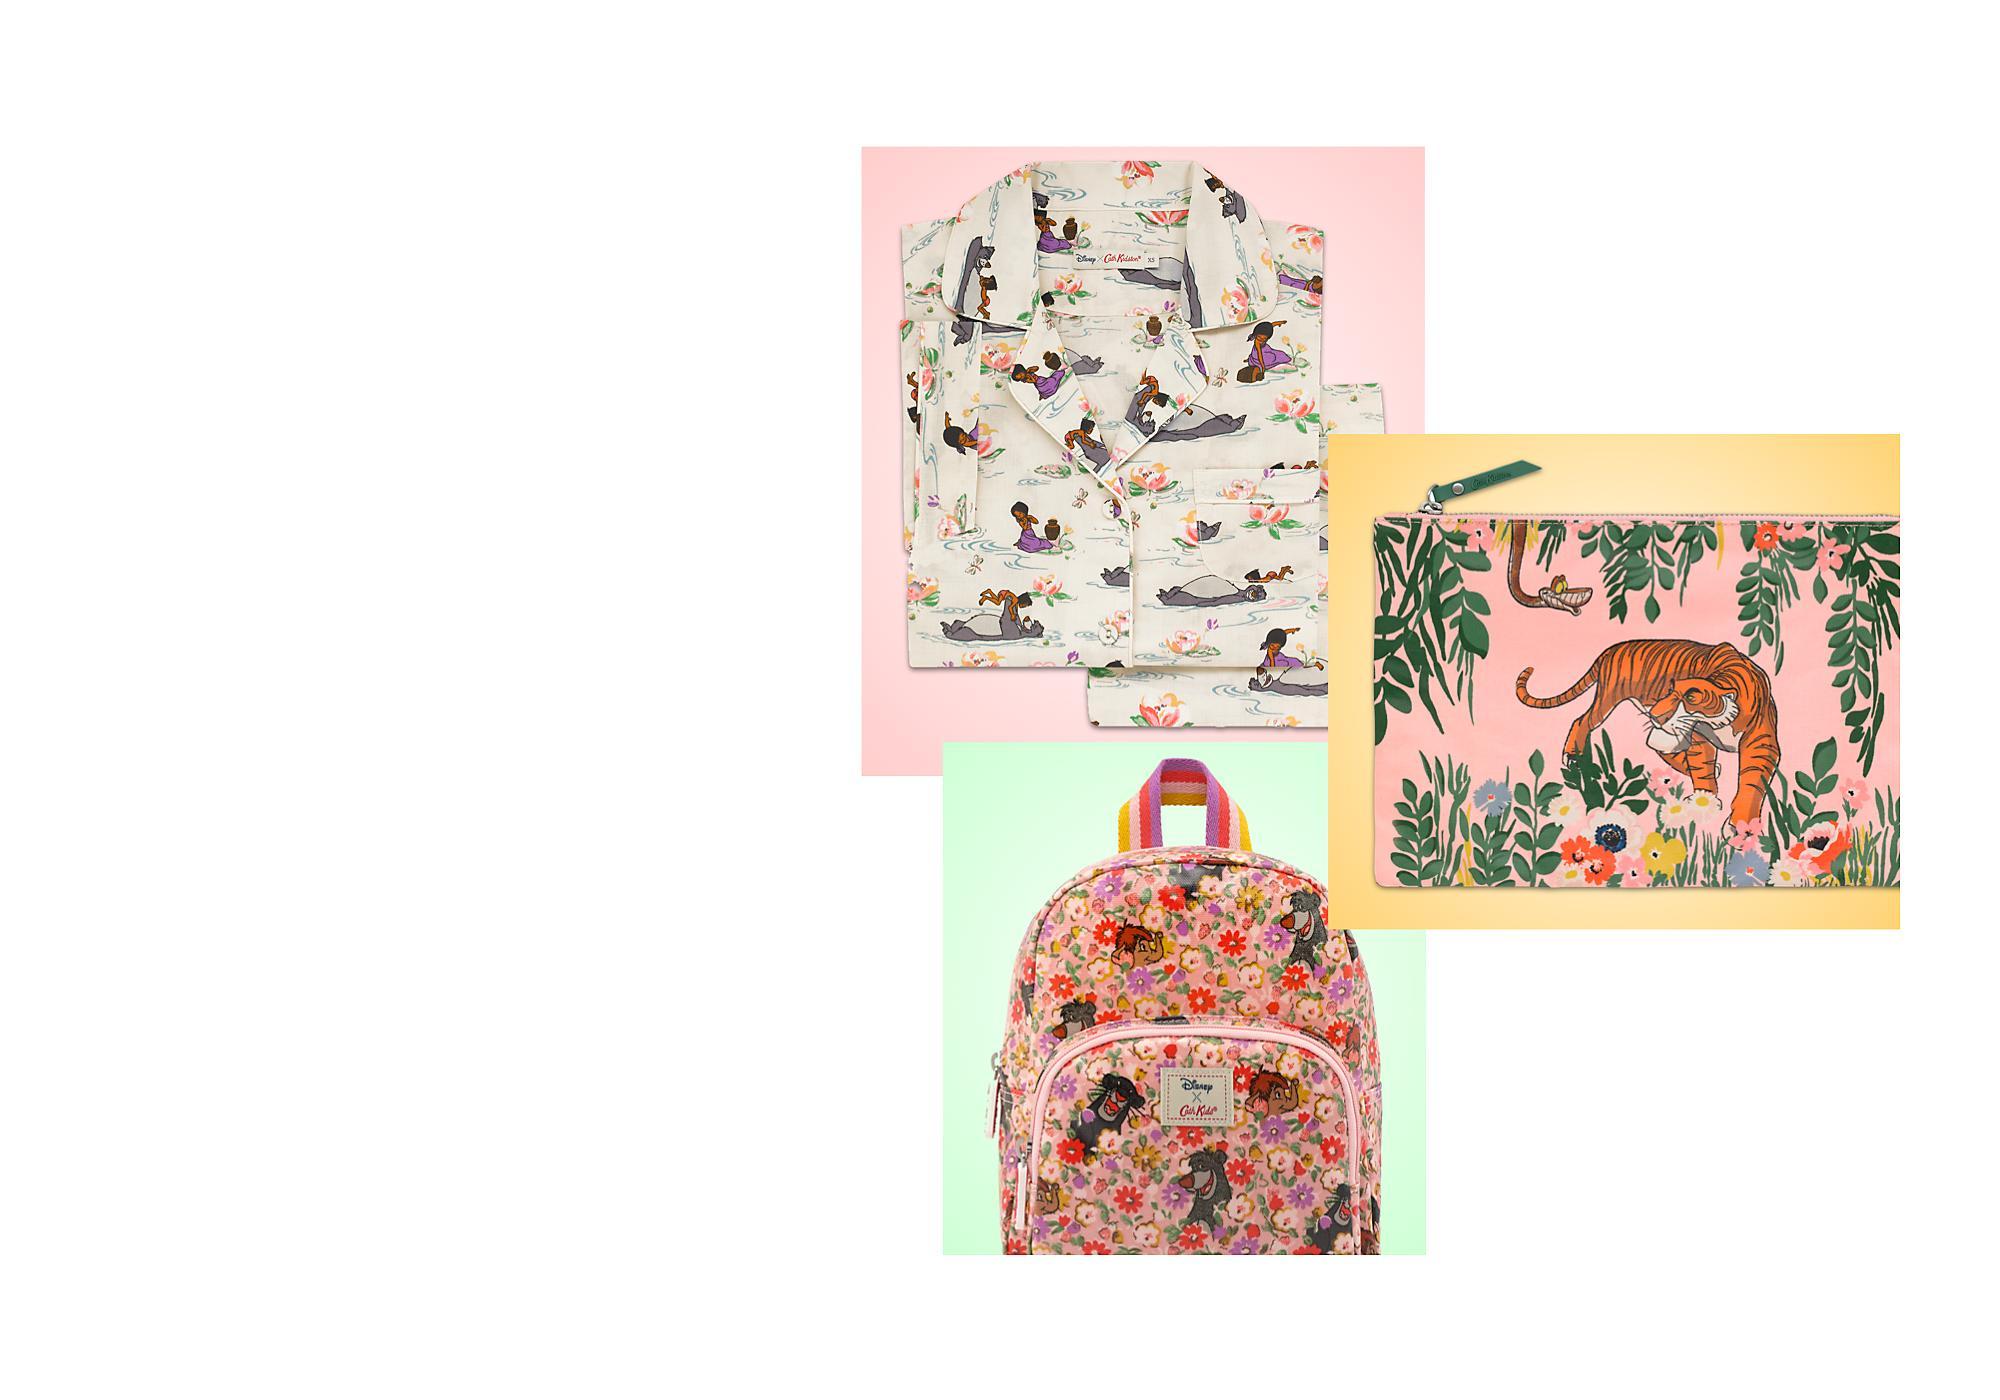 Il en faut peu pour être heureux Retrouvez la nouvelle collection Cath Kidston x Le Livre de la Jungle: vêtements, accessoires, articles pour la maison et bien plus !